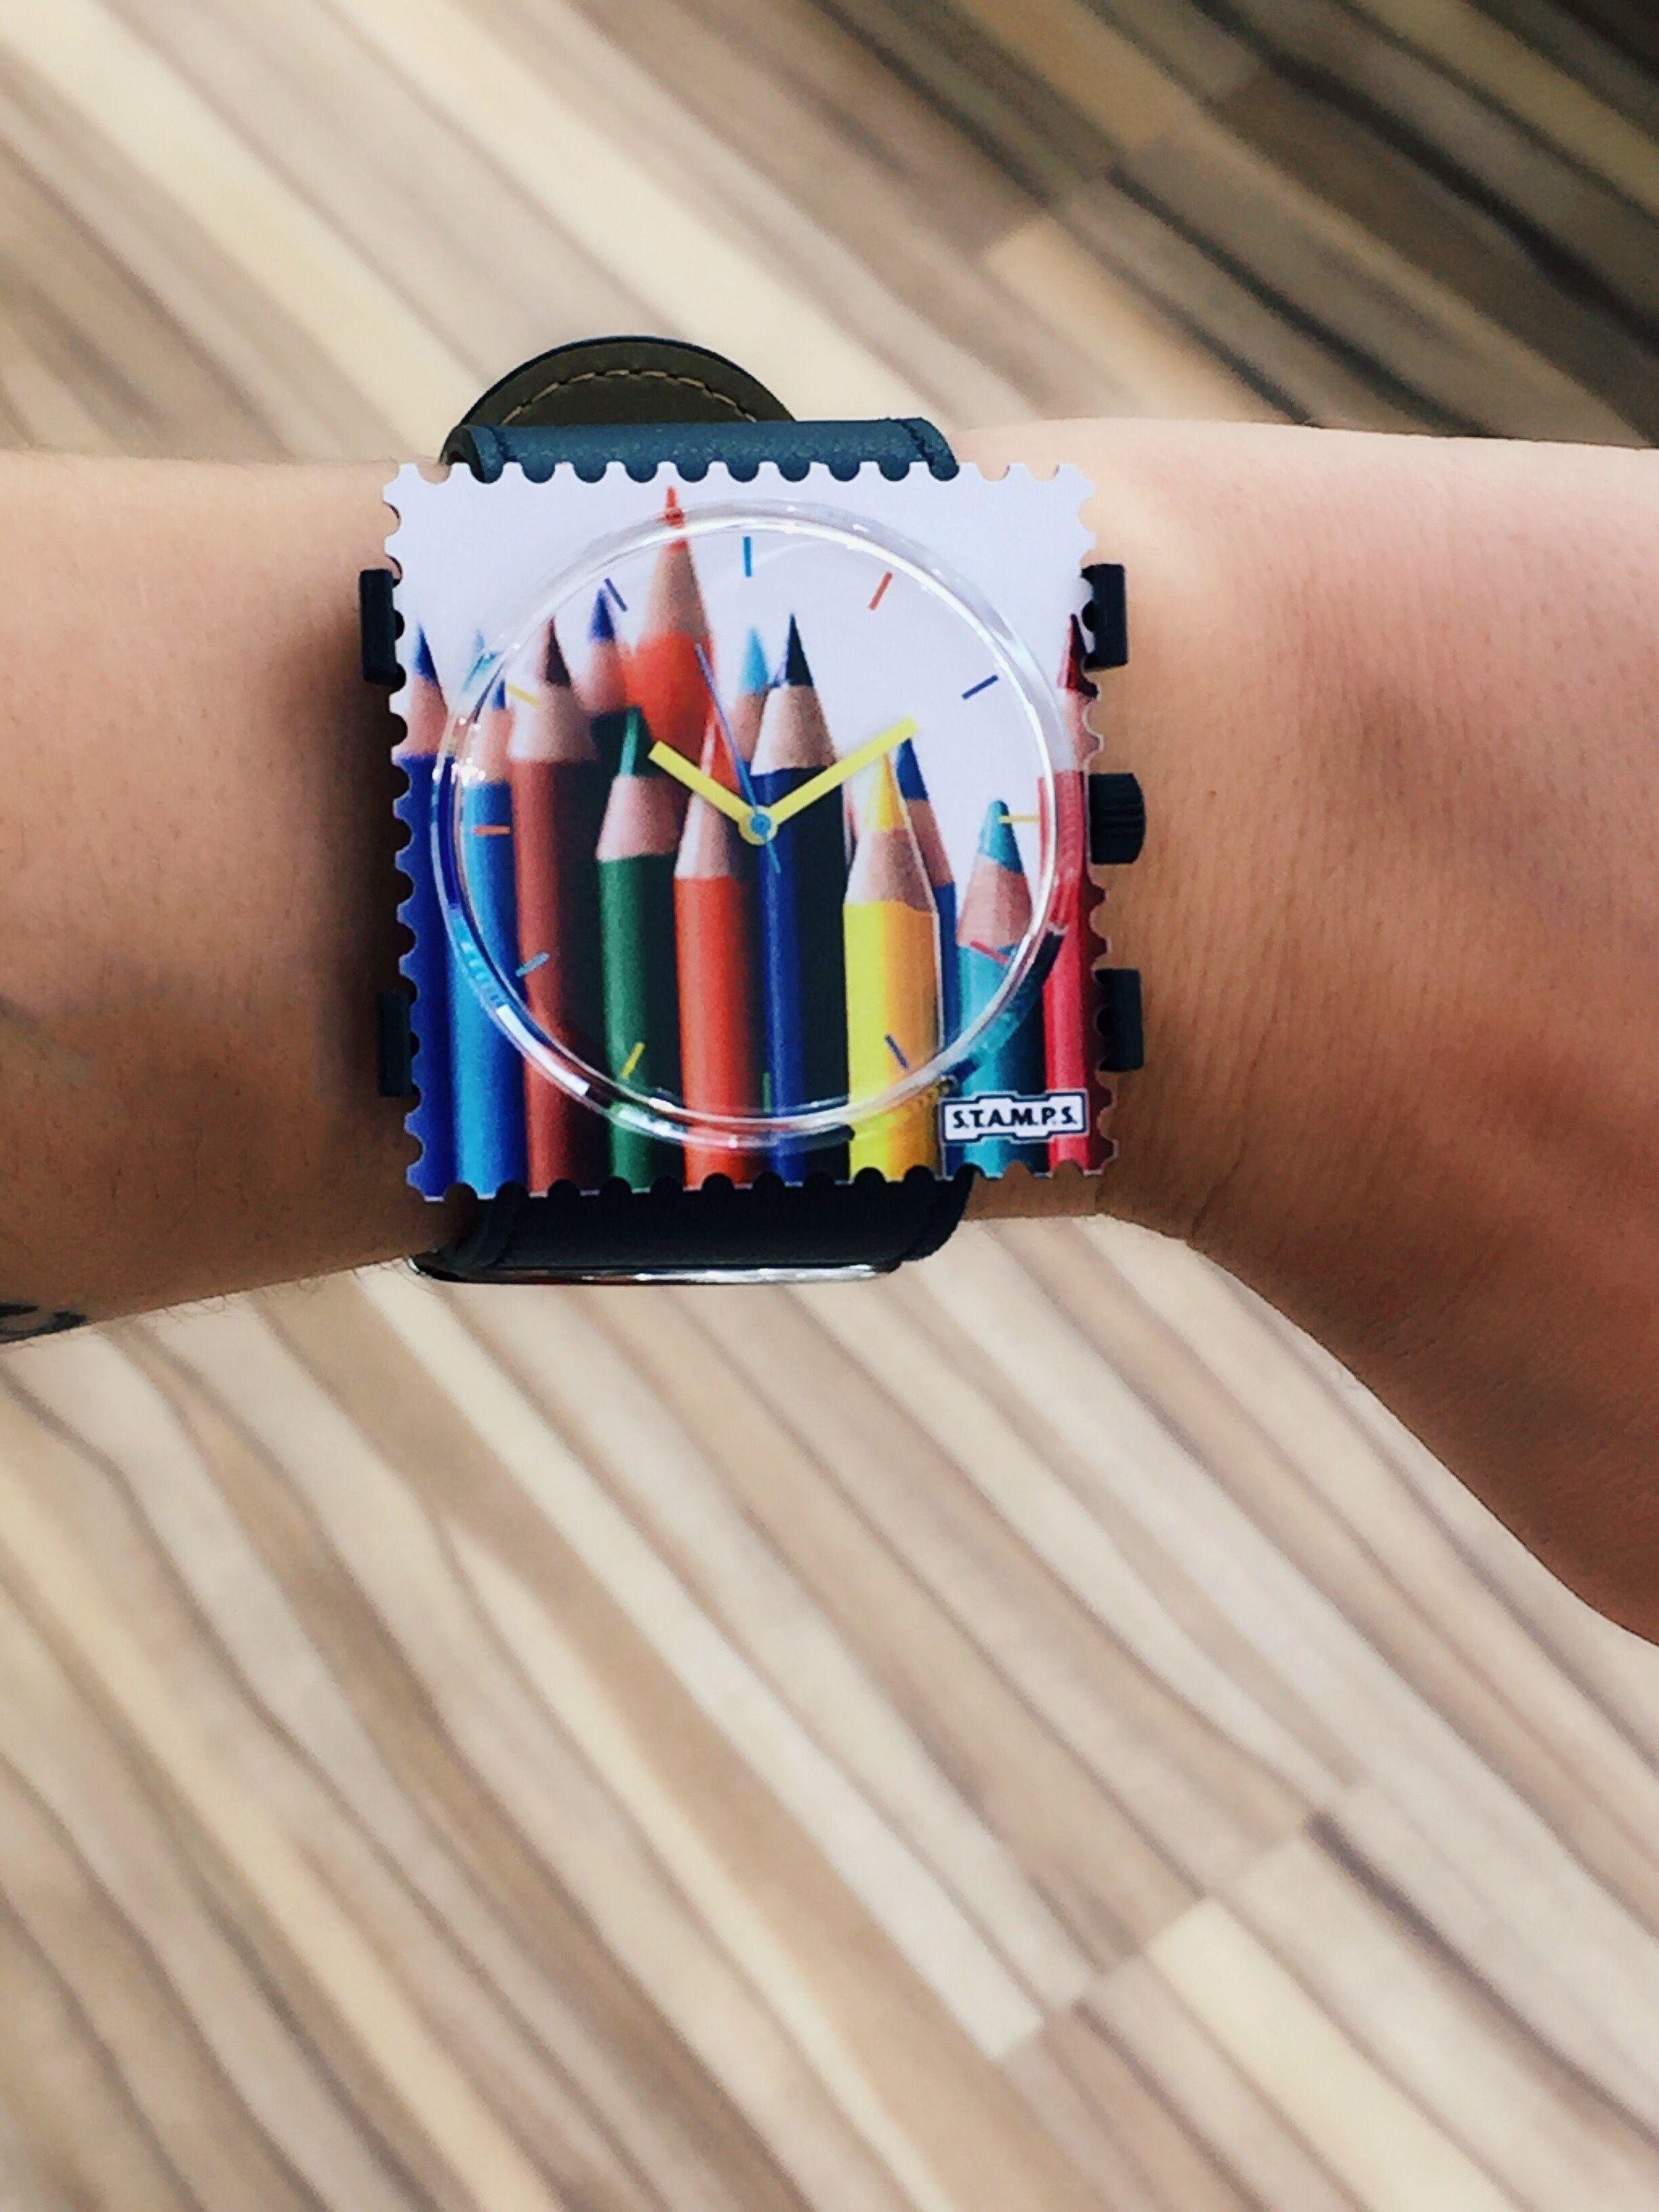 magasiner pour le meilleur livraison rapide collection entière Un bracelet+ un cadran interchangeable= Une montre Fun et ...